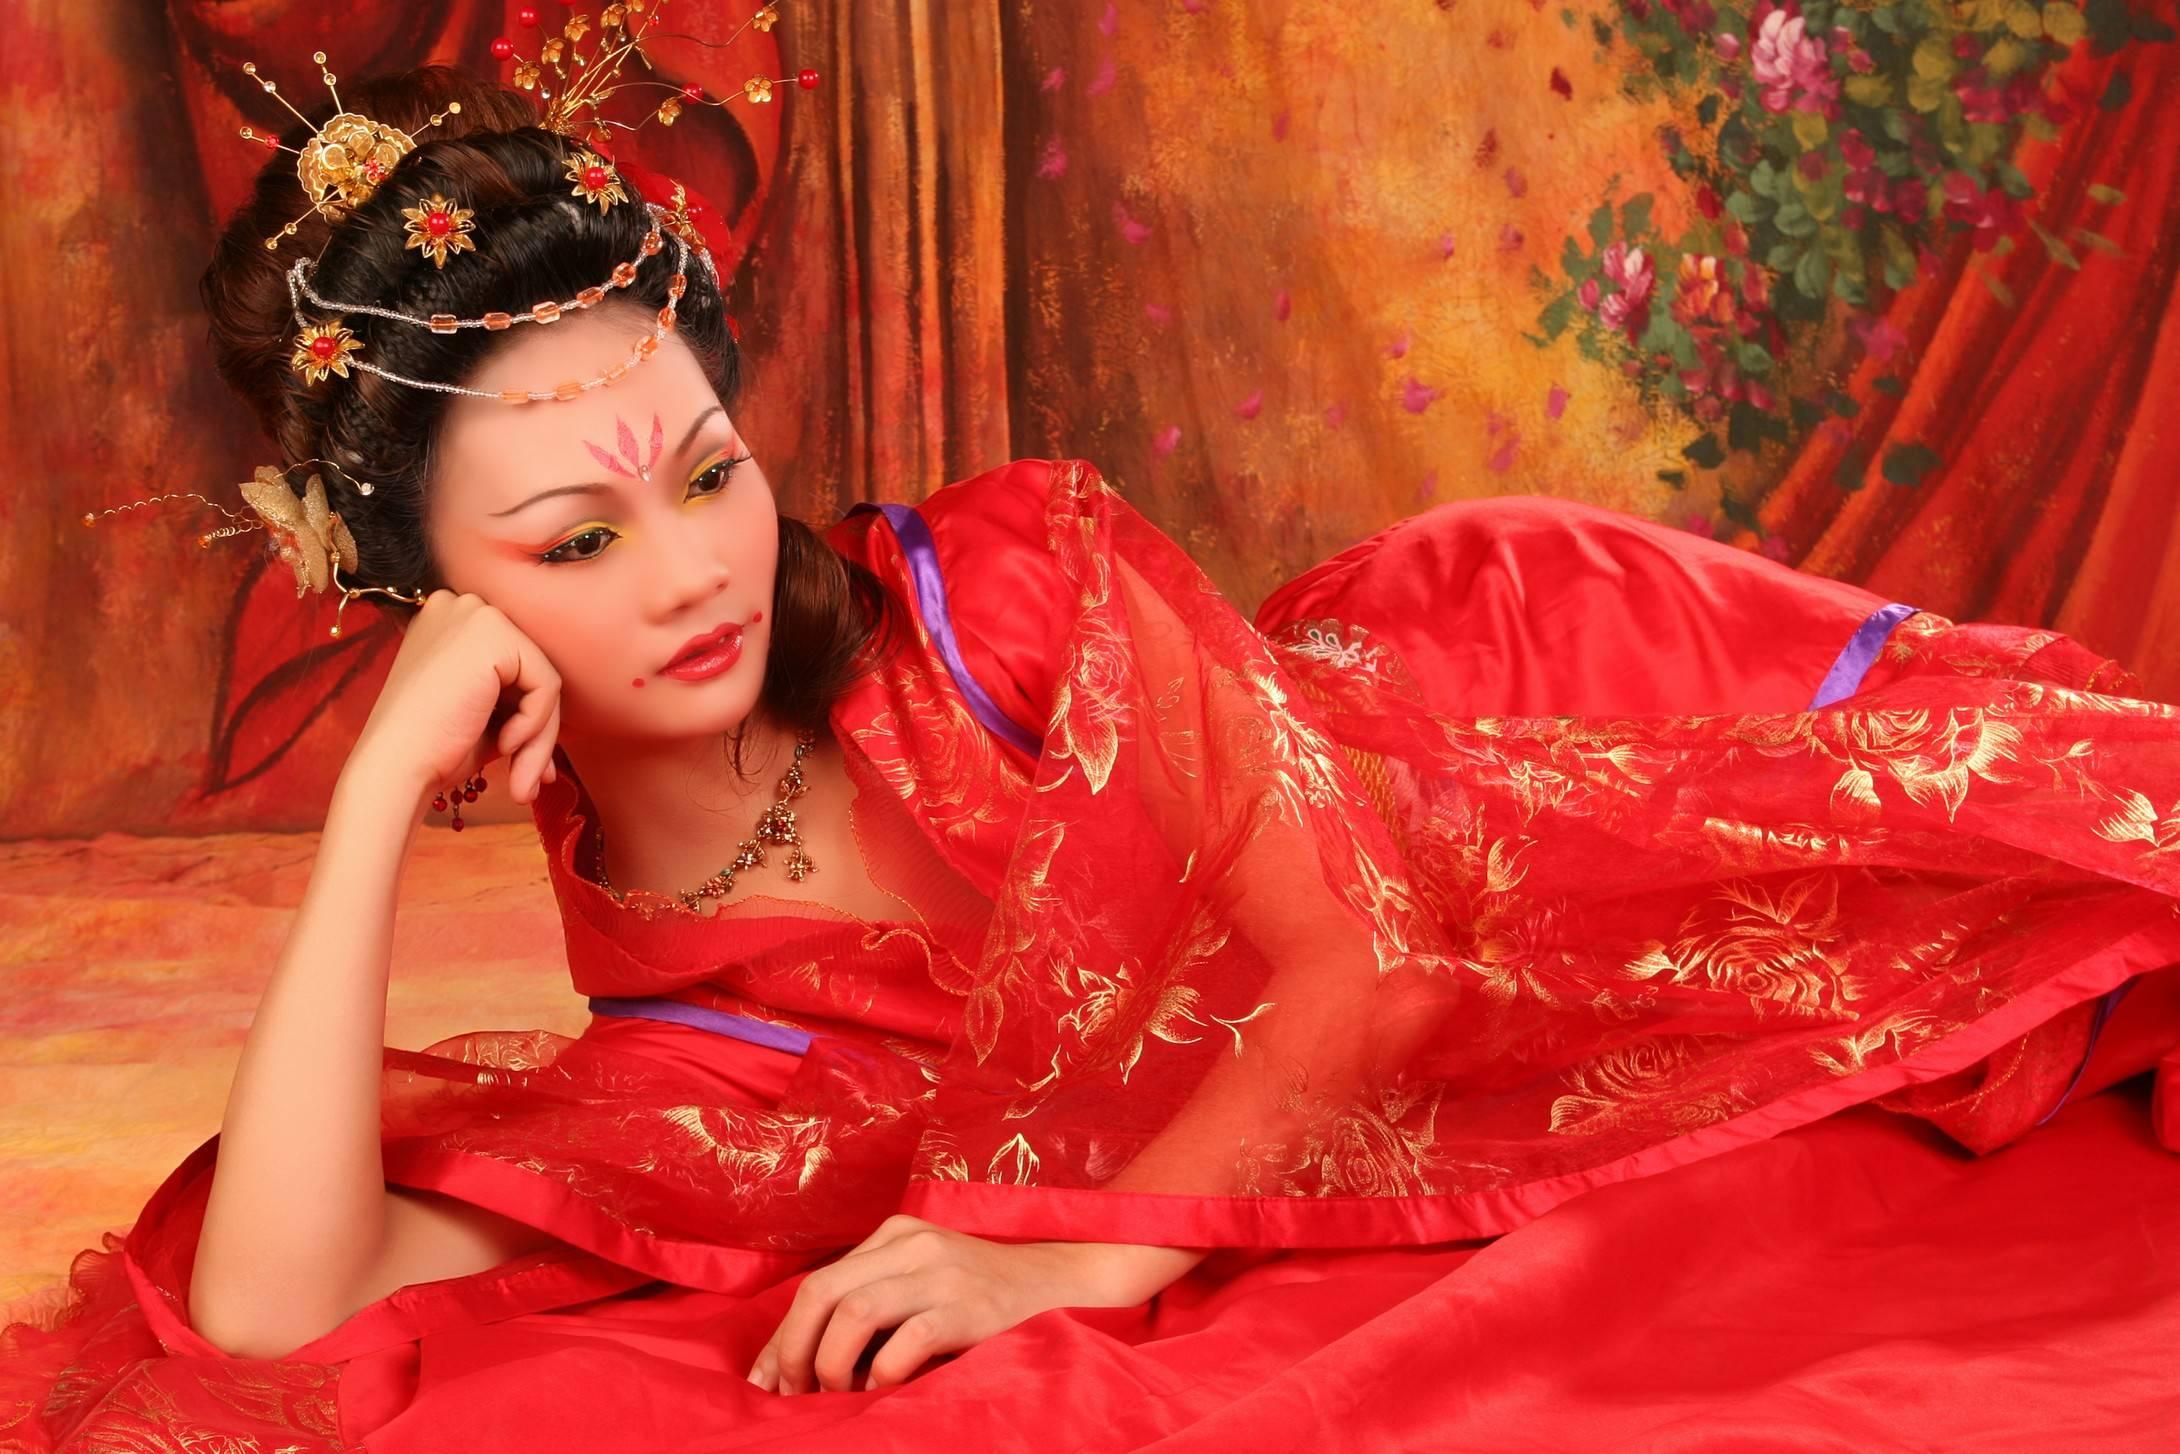 古装美女高清图片(294张)